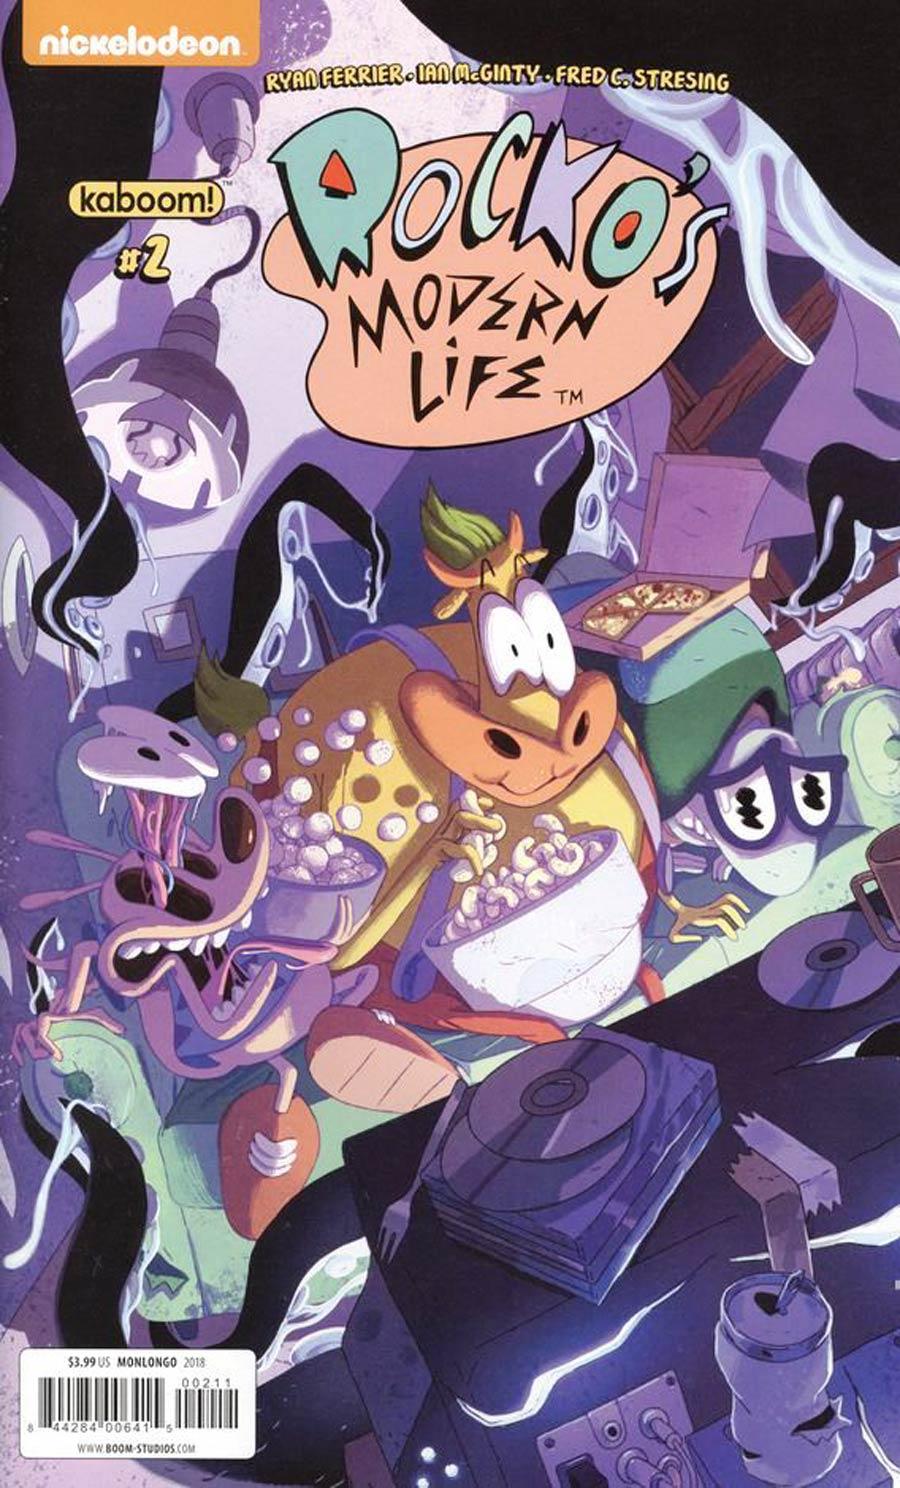 Rockos Modern Life Vol 2 #2 Cover A Regular Jorge Monlongo Cover